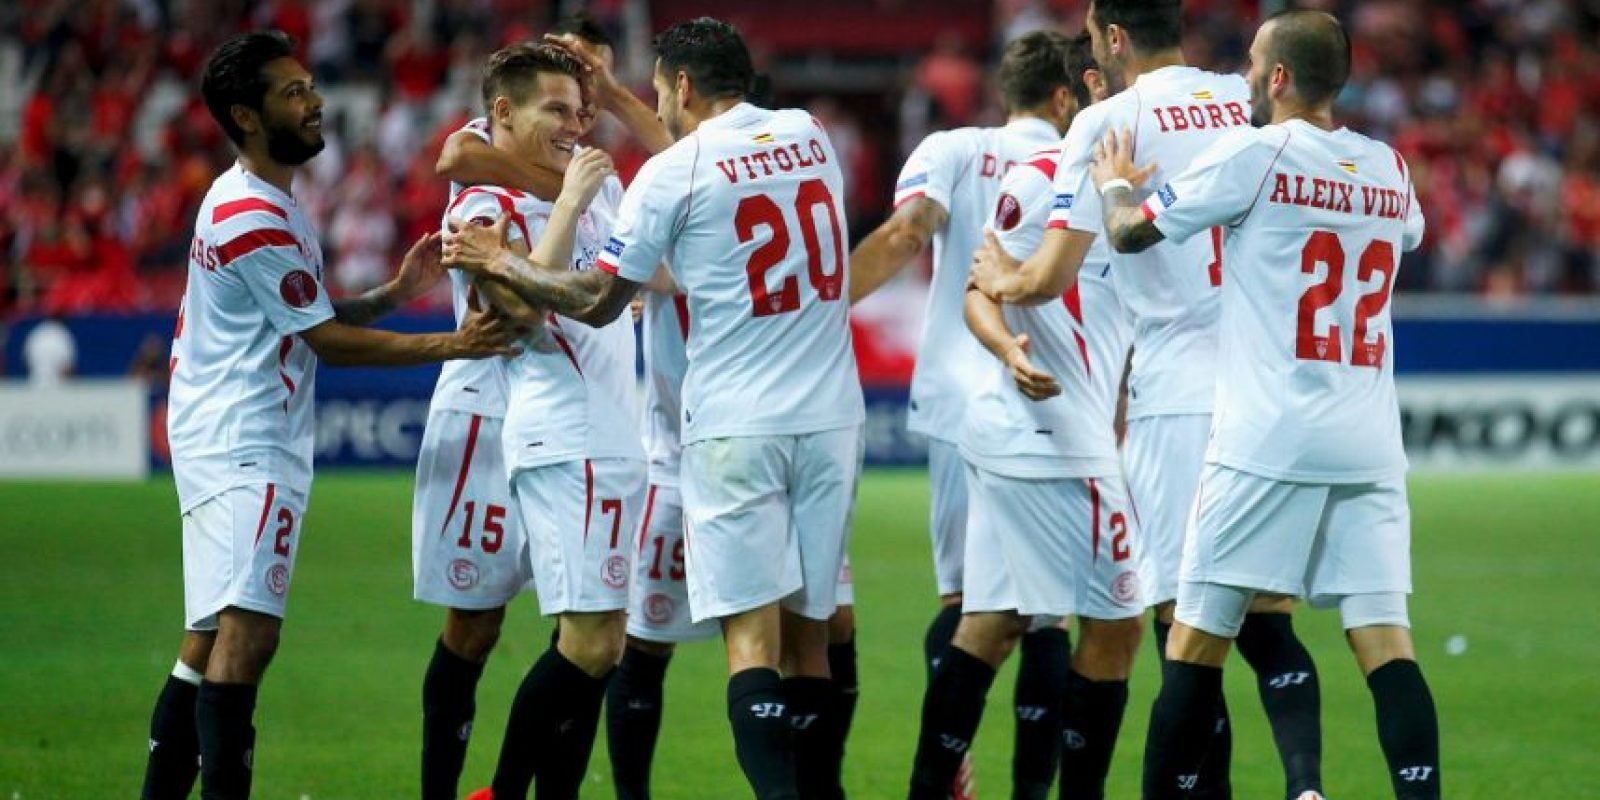 Los españoles vencieron 3-0 a Fiorentina en la ida de las semifinales Foto:Getty Images